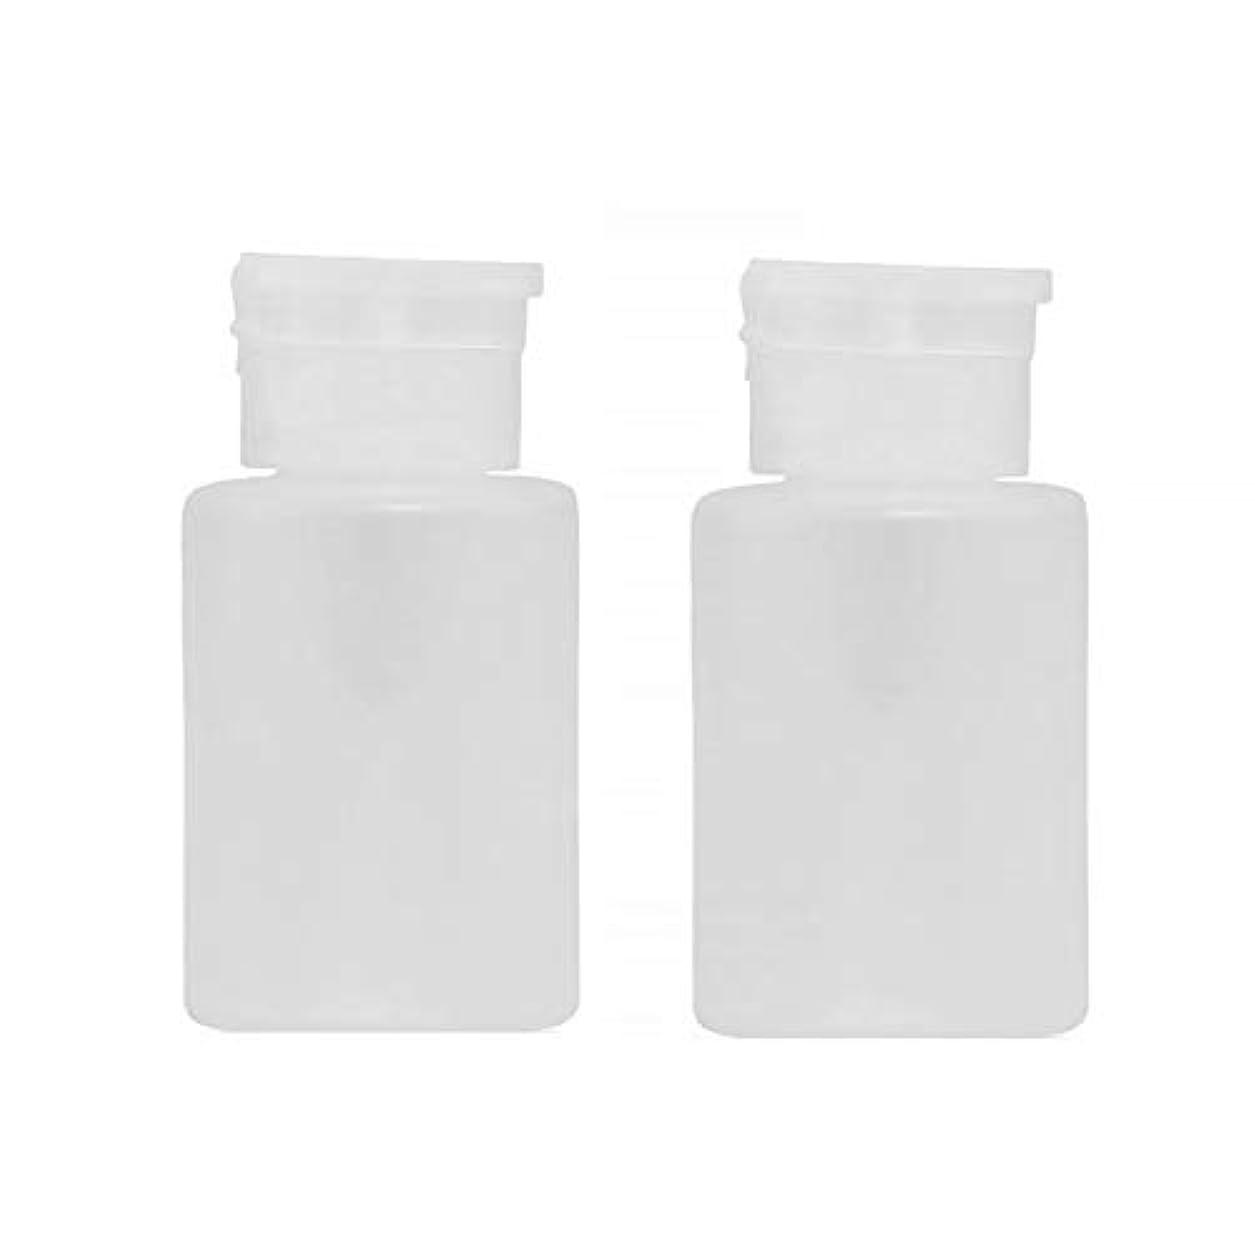 ヨーロッパメガロポリスフォーム120ミリリットルプロネイル吐出ポンプボトル、空のプラスチックボトルクリア化粧ケースホワイト2